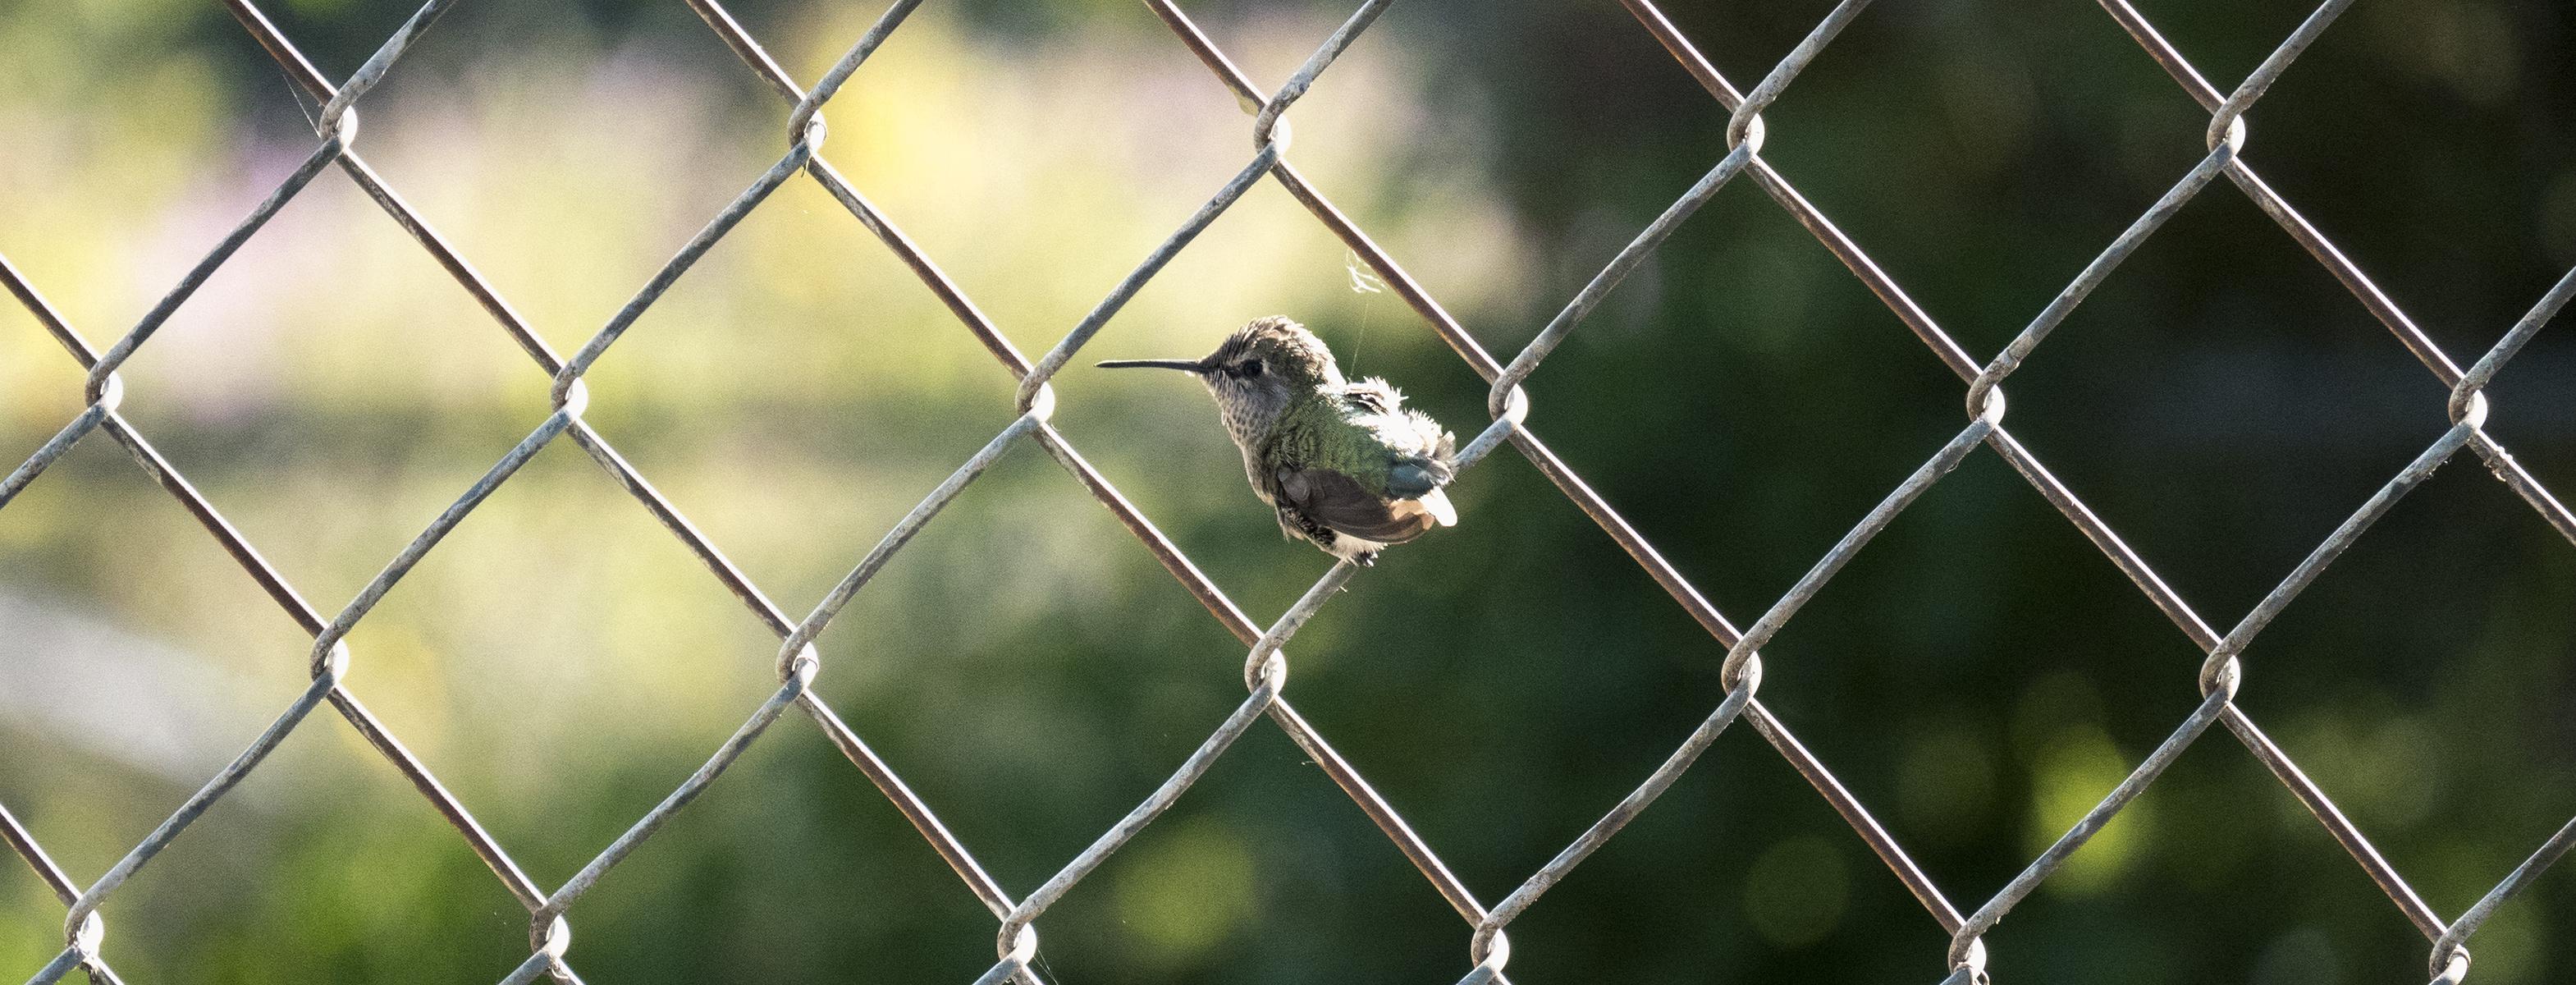 chainlink hummingbird